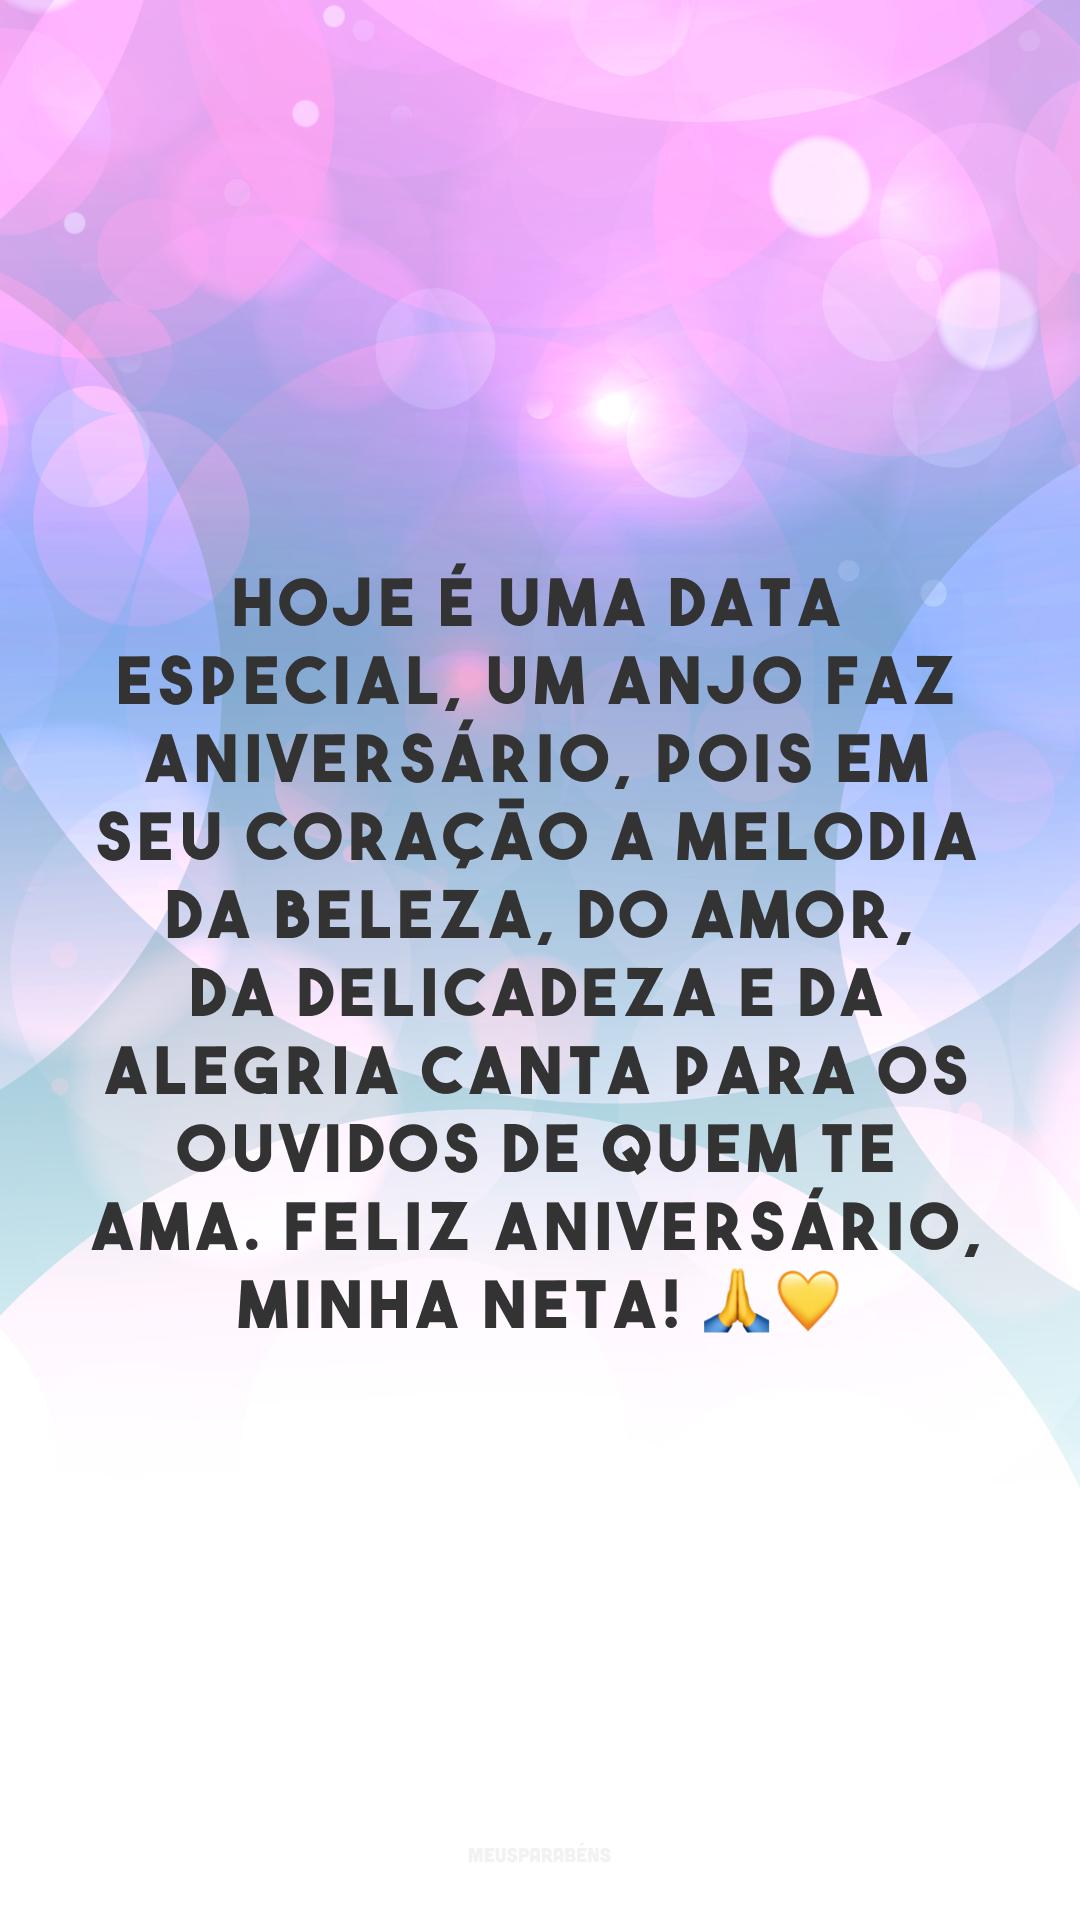 Hoje é uma data especial, um anjo faz aniversário, pois em seu coração a melodia da beleza, do amor, da delicadeza e da alegria canta para os ouvidos de quem te ama. Feliz aniversário, minha neta! 🙏💛